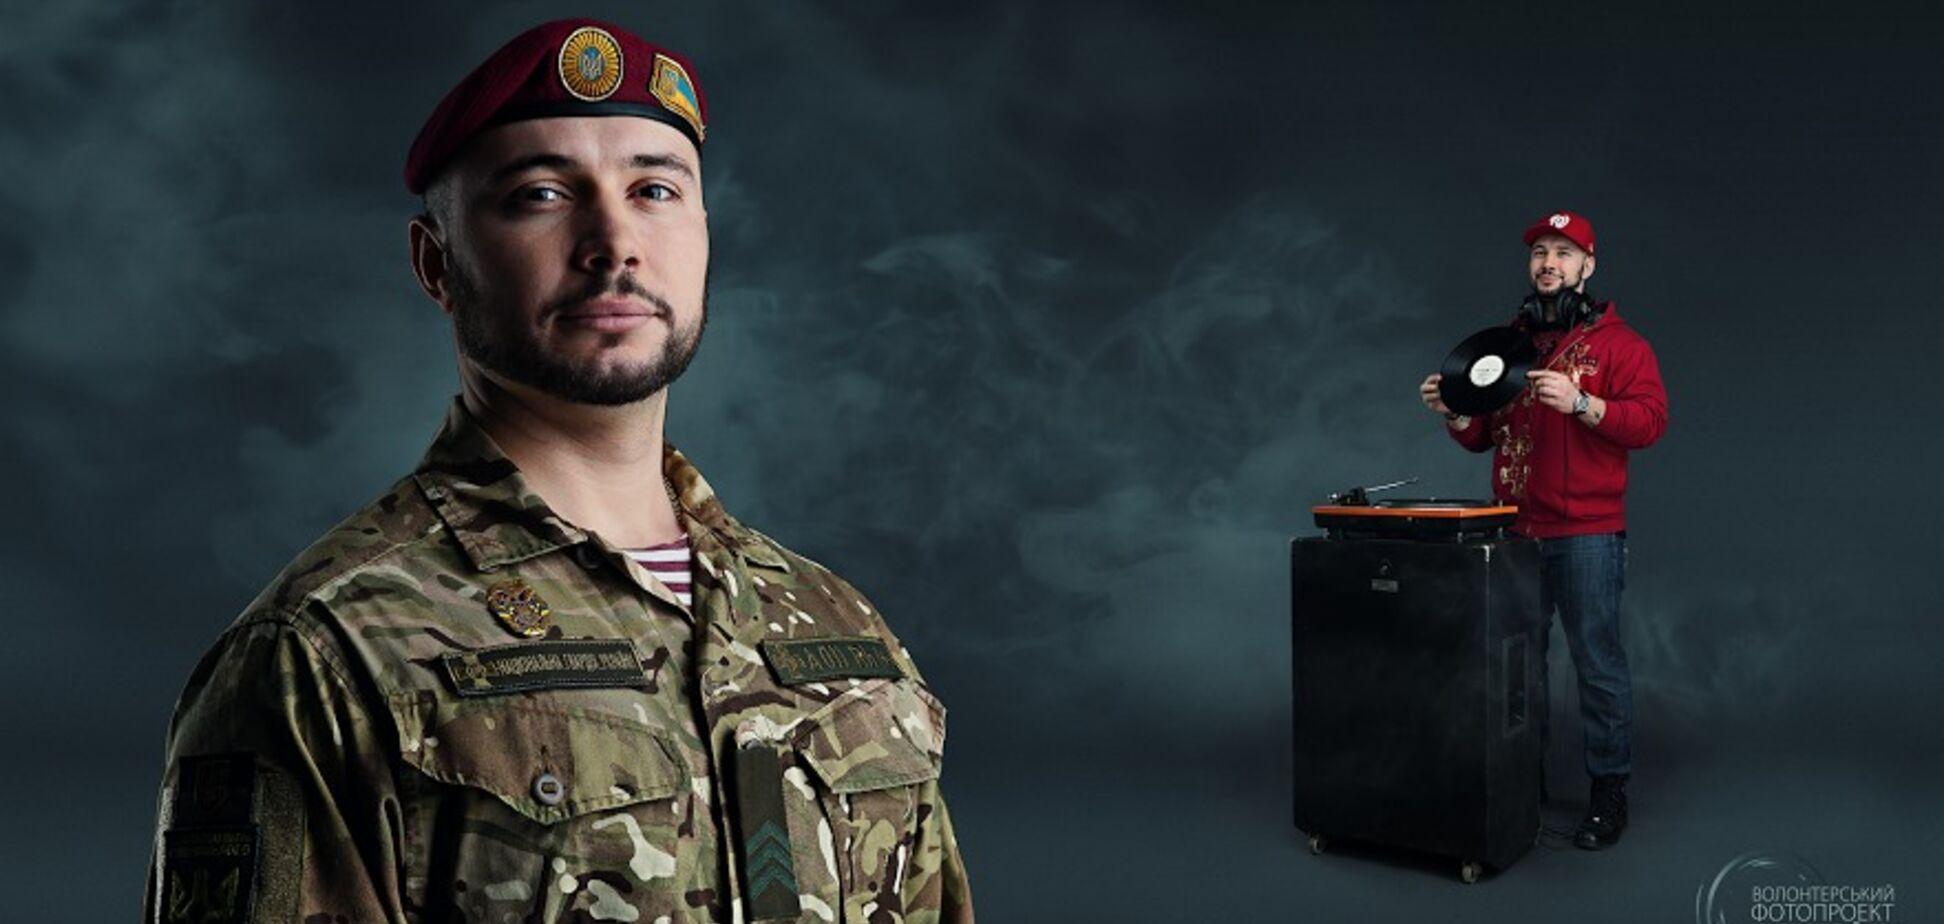 Арешт українського нацгвардійца в Італії: з'явилися нові деталі розслідування